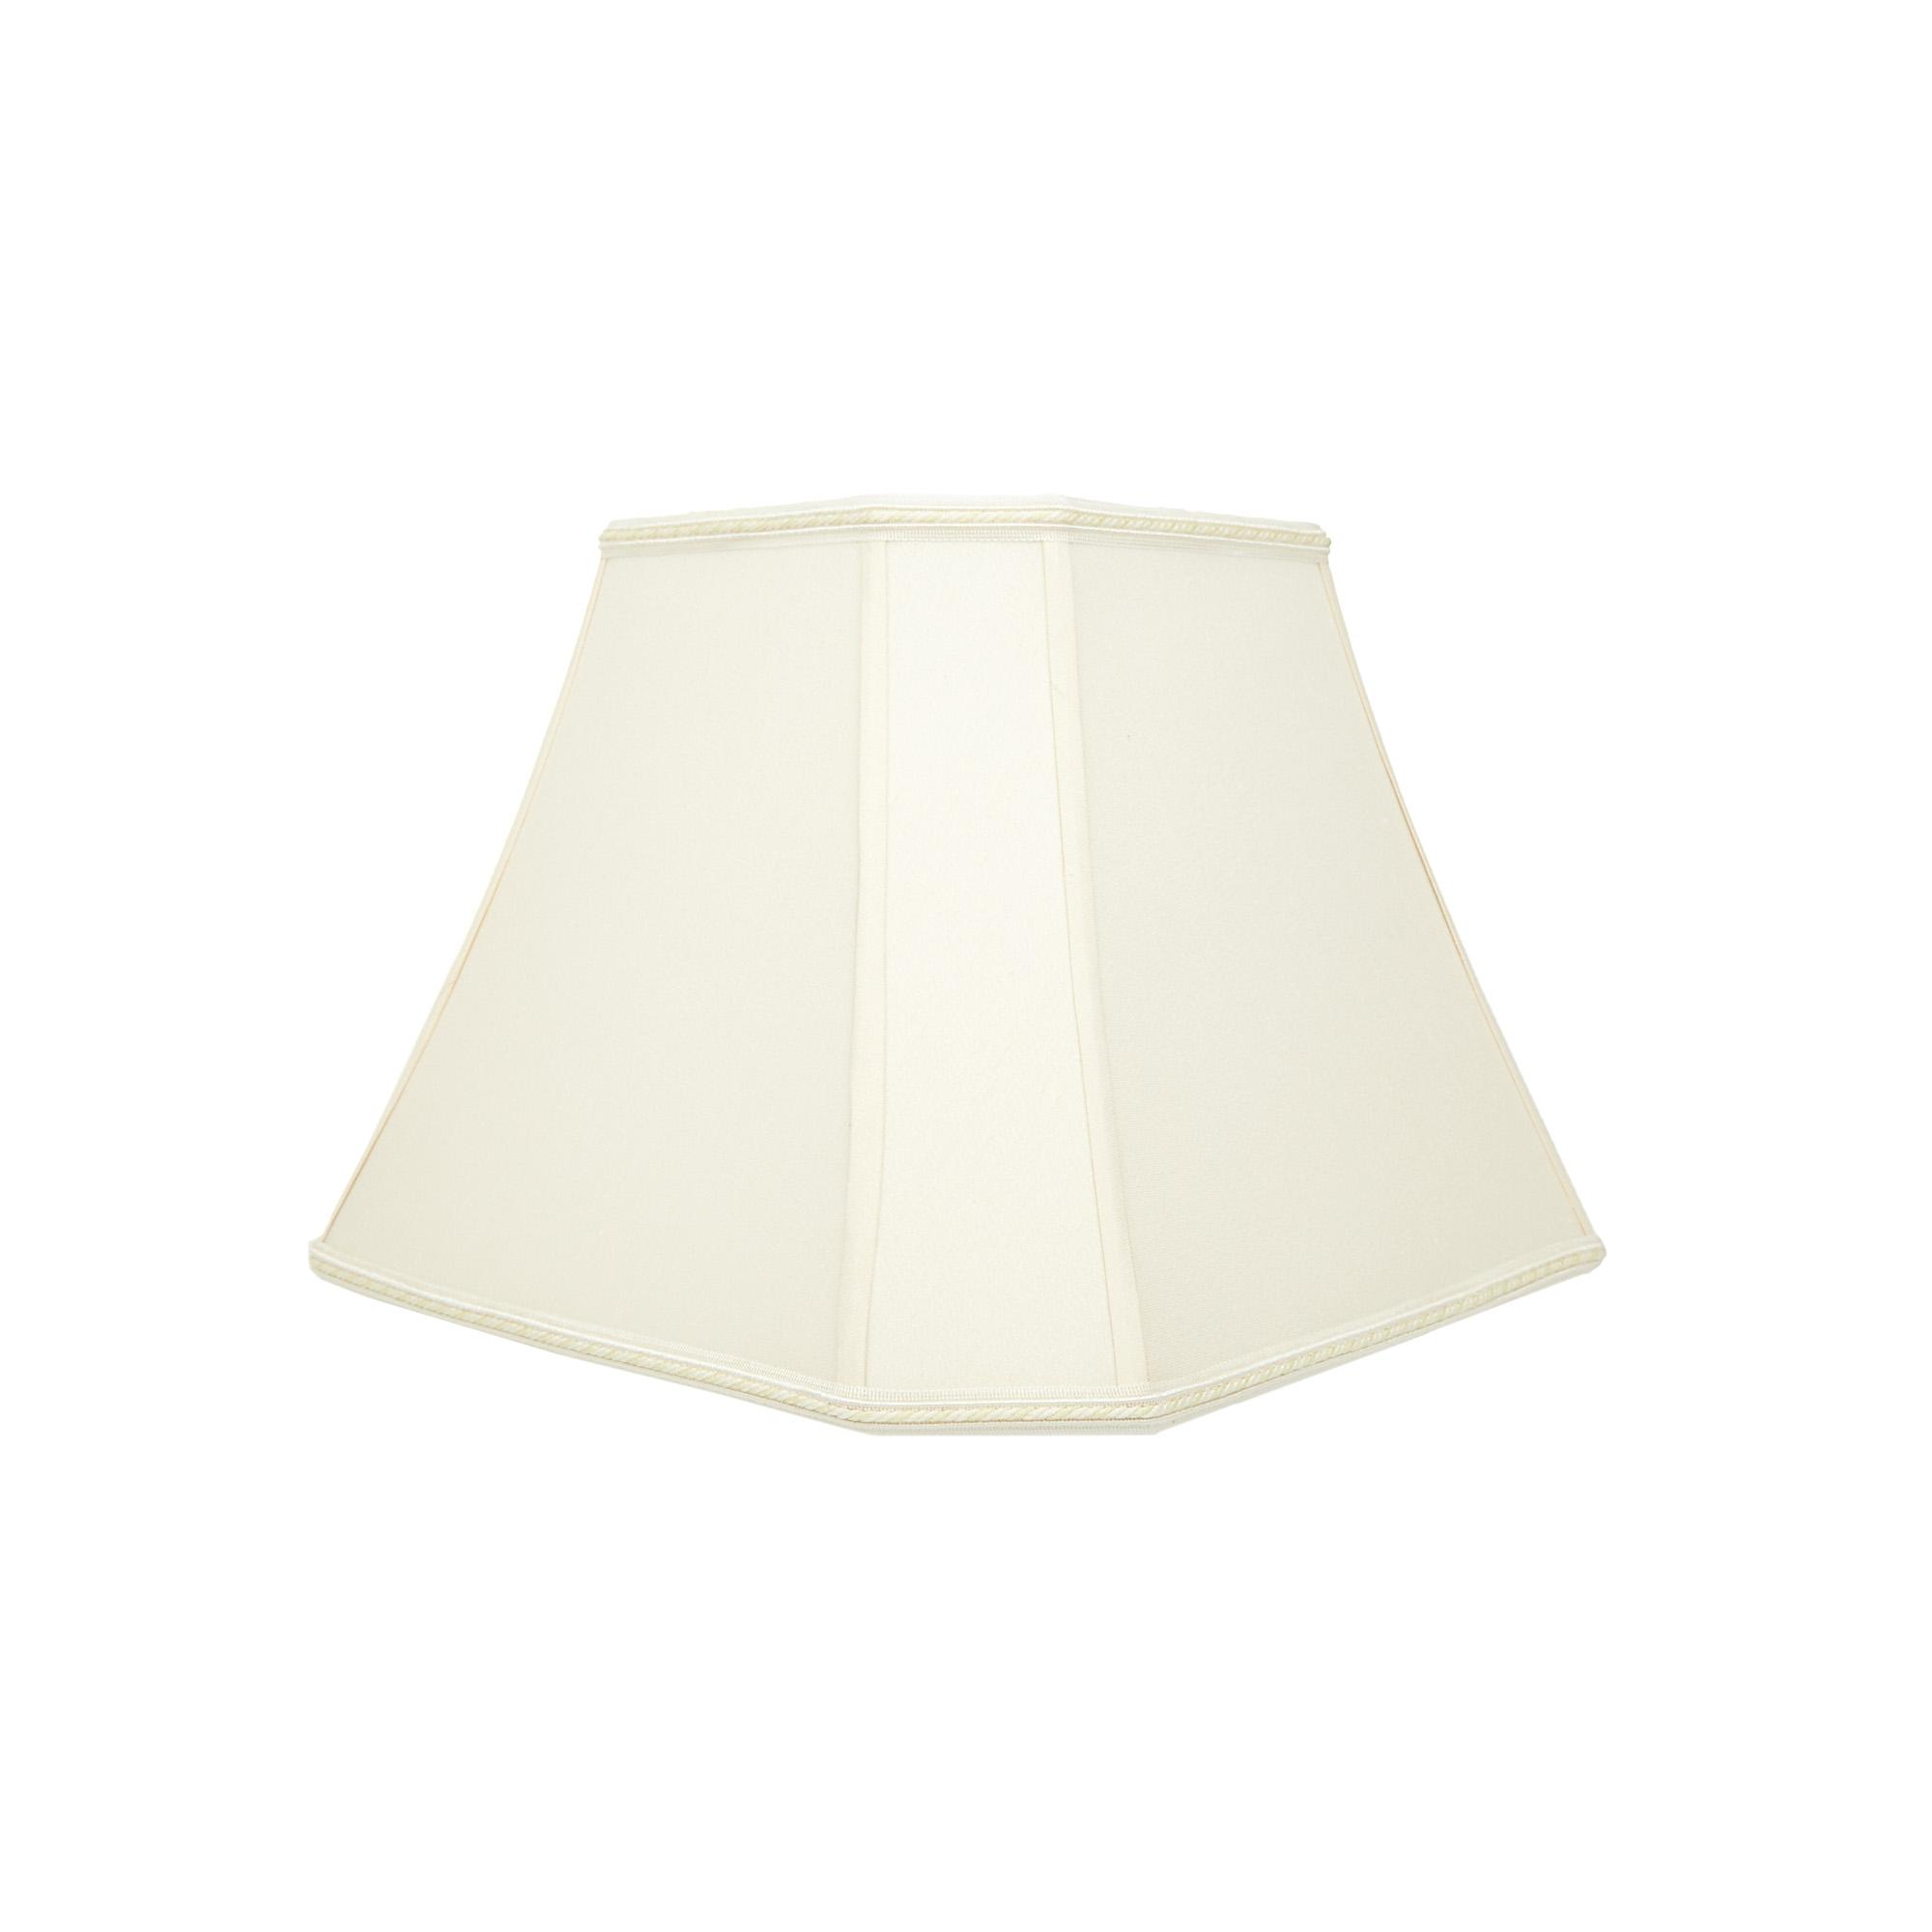 Lamp Shade1-01-16.jpg